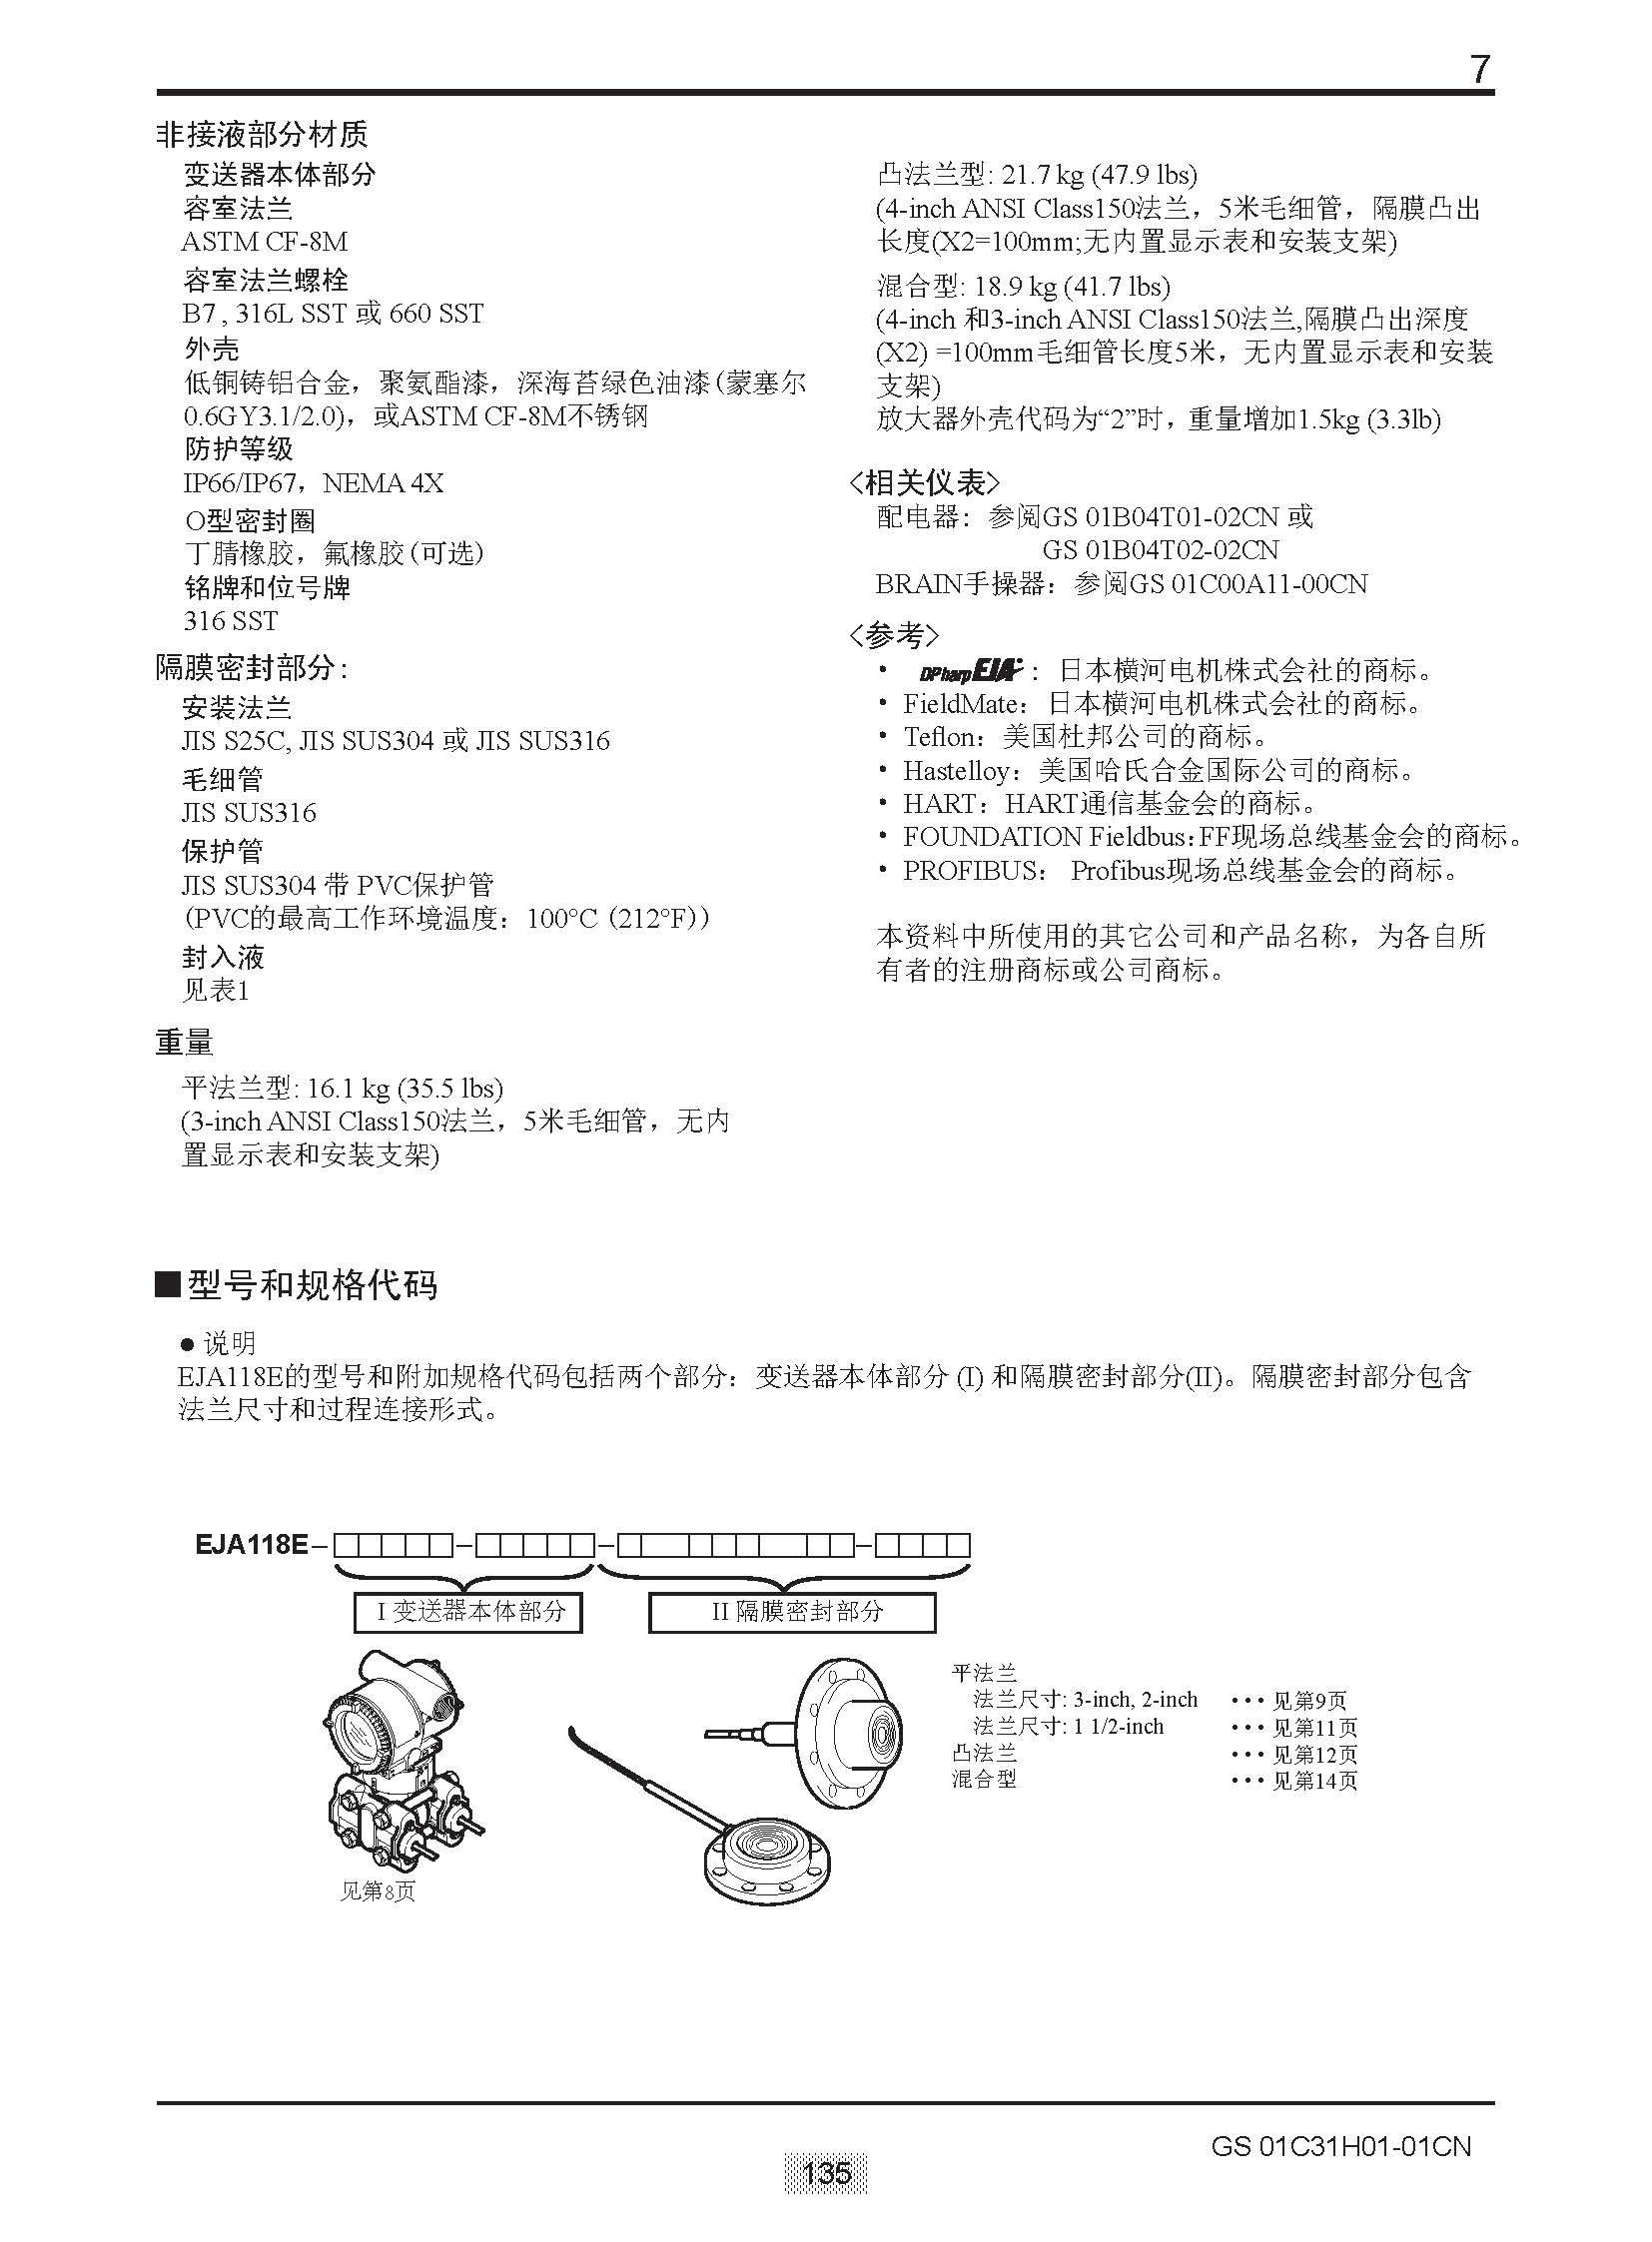 EJA E选型样本20151207_页面_141.jpg